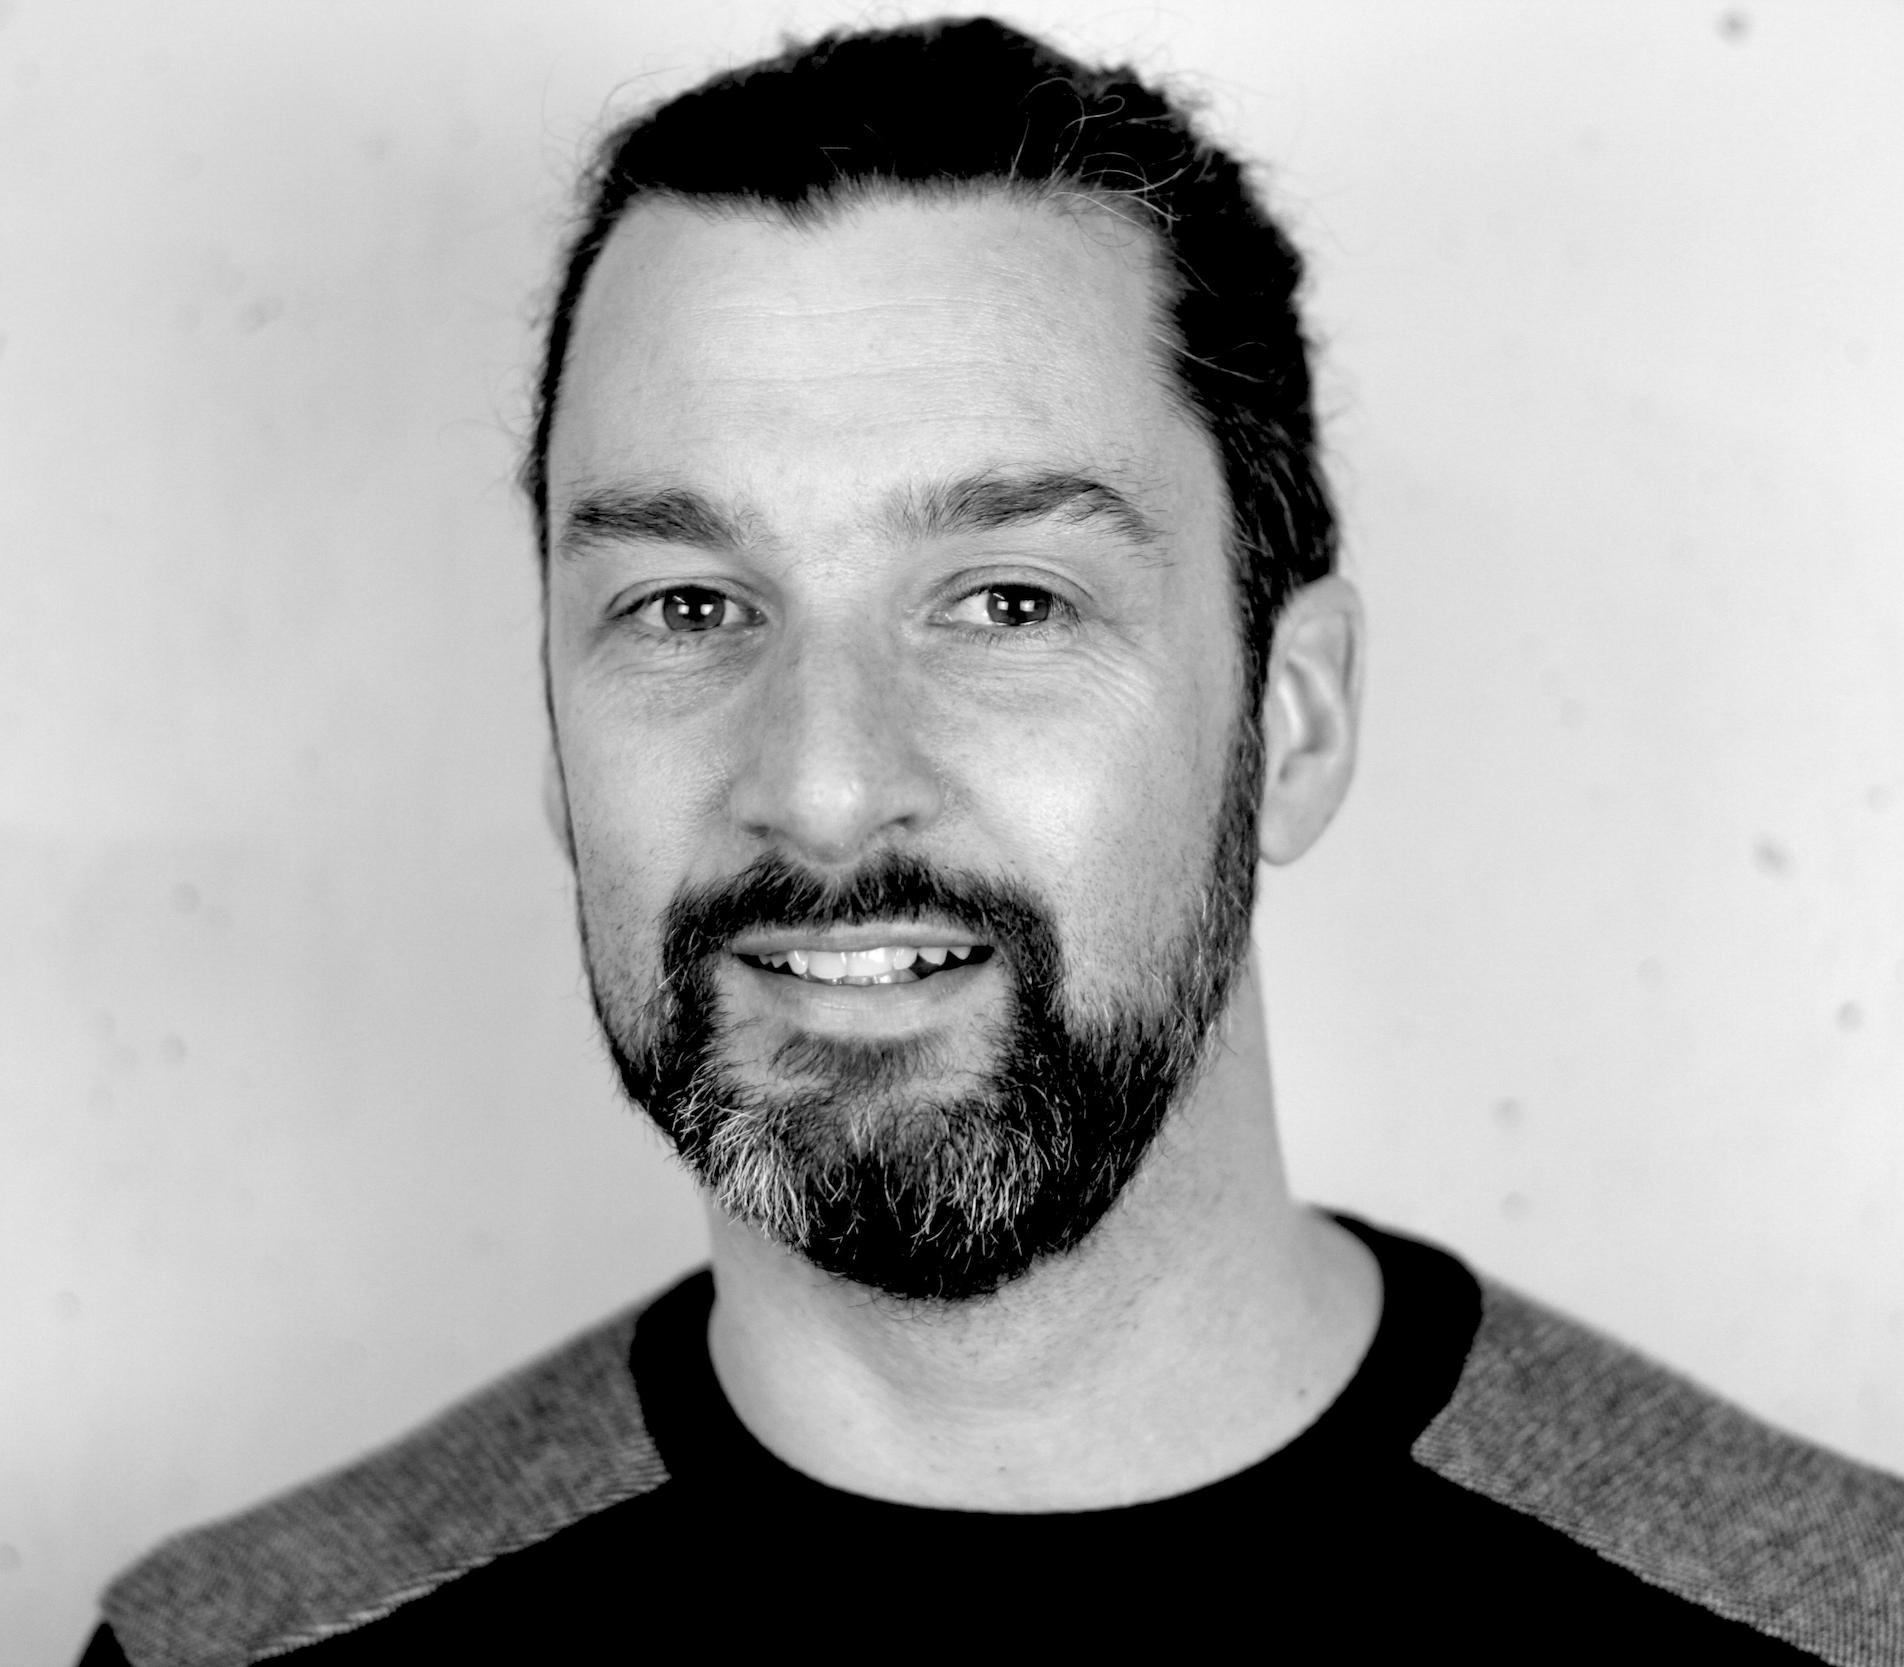 Photo portrait de Pascal Lenormand : un homme de 45 ans, brun, yeux marrons avec une barbe très courte.